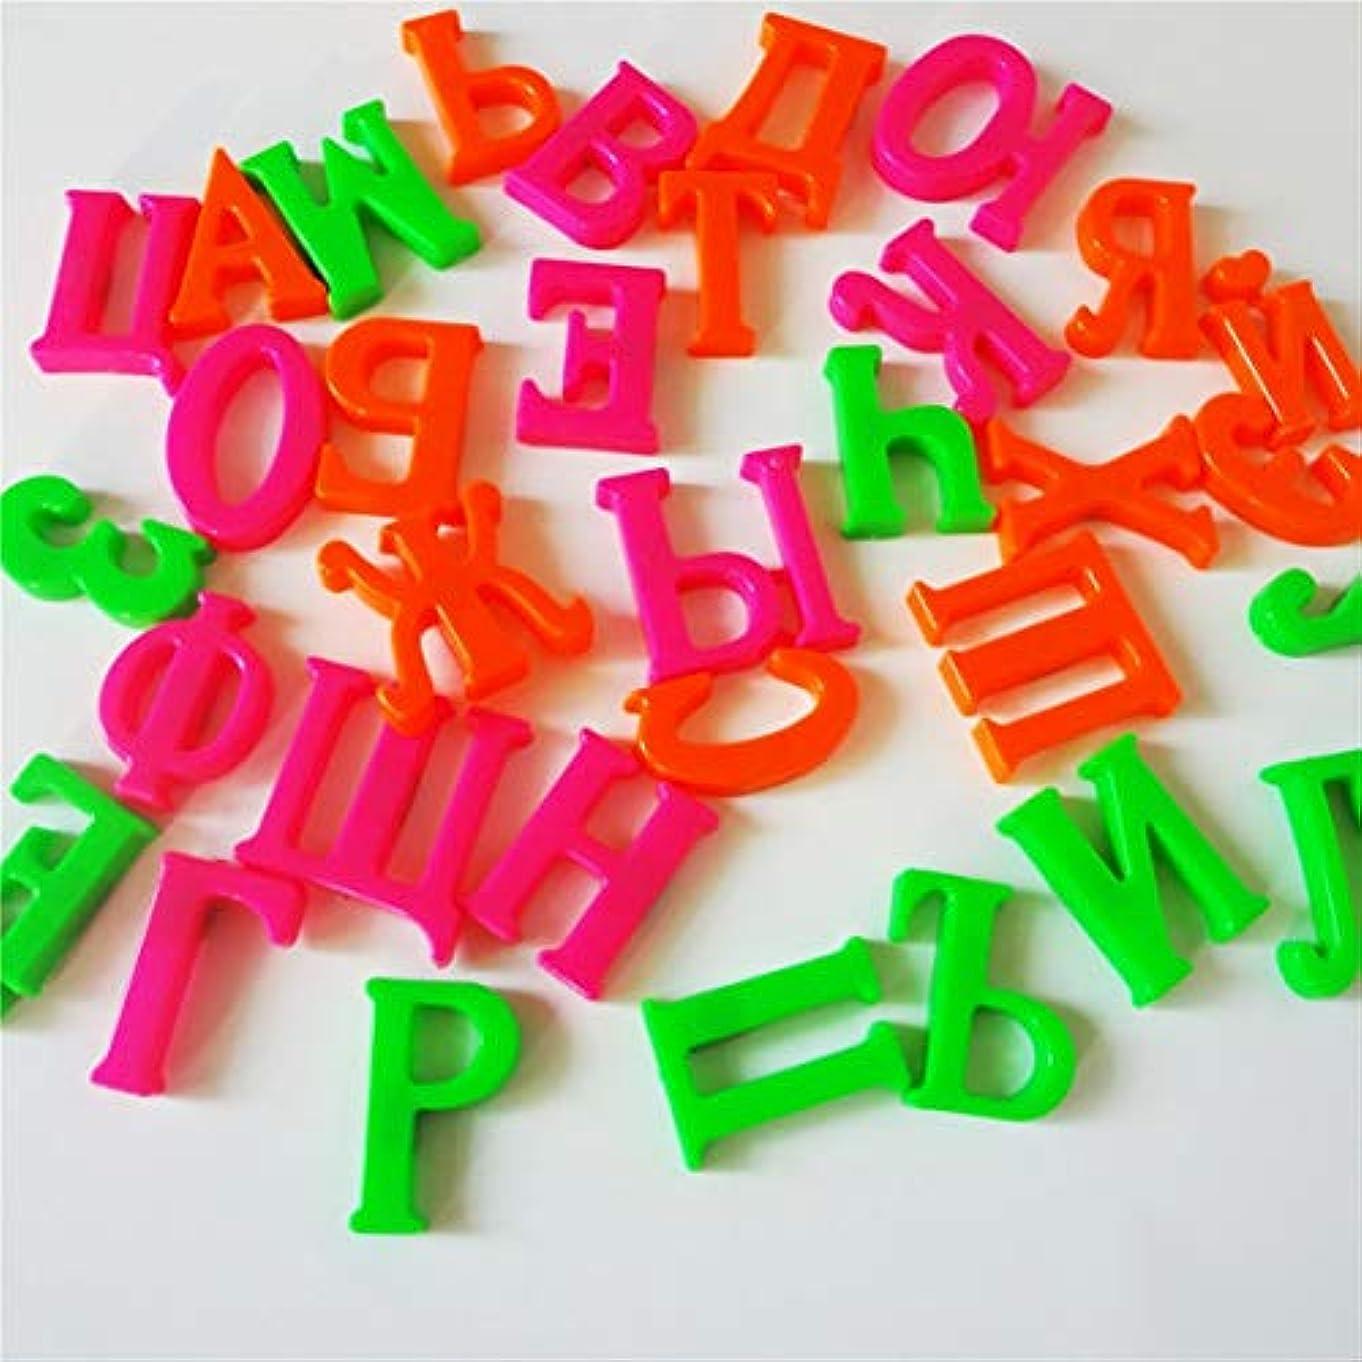 る病気の摂氏度Kongqiabona 33個のロシアのアルファベットの冷蔵庫の磁石赤ちゃん教育学習玩具